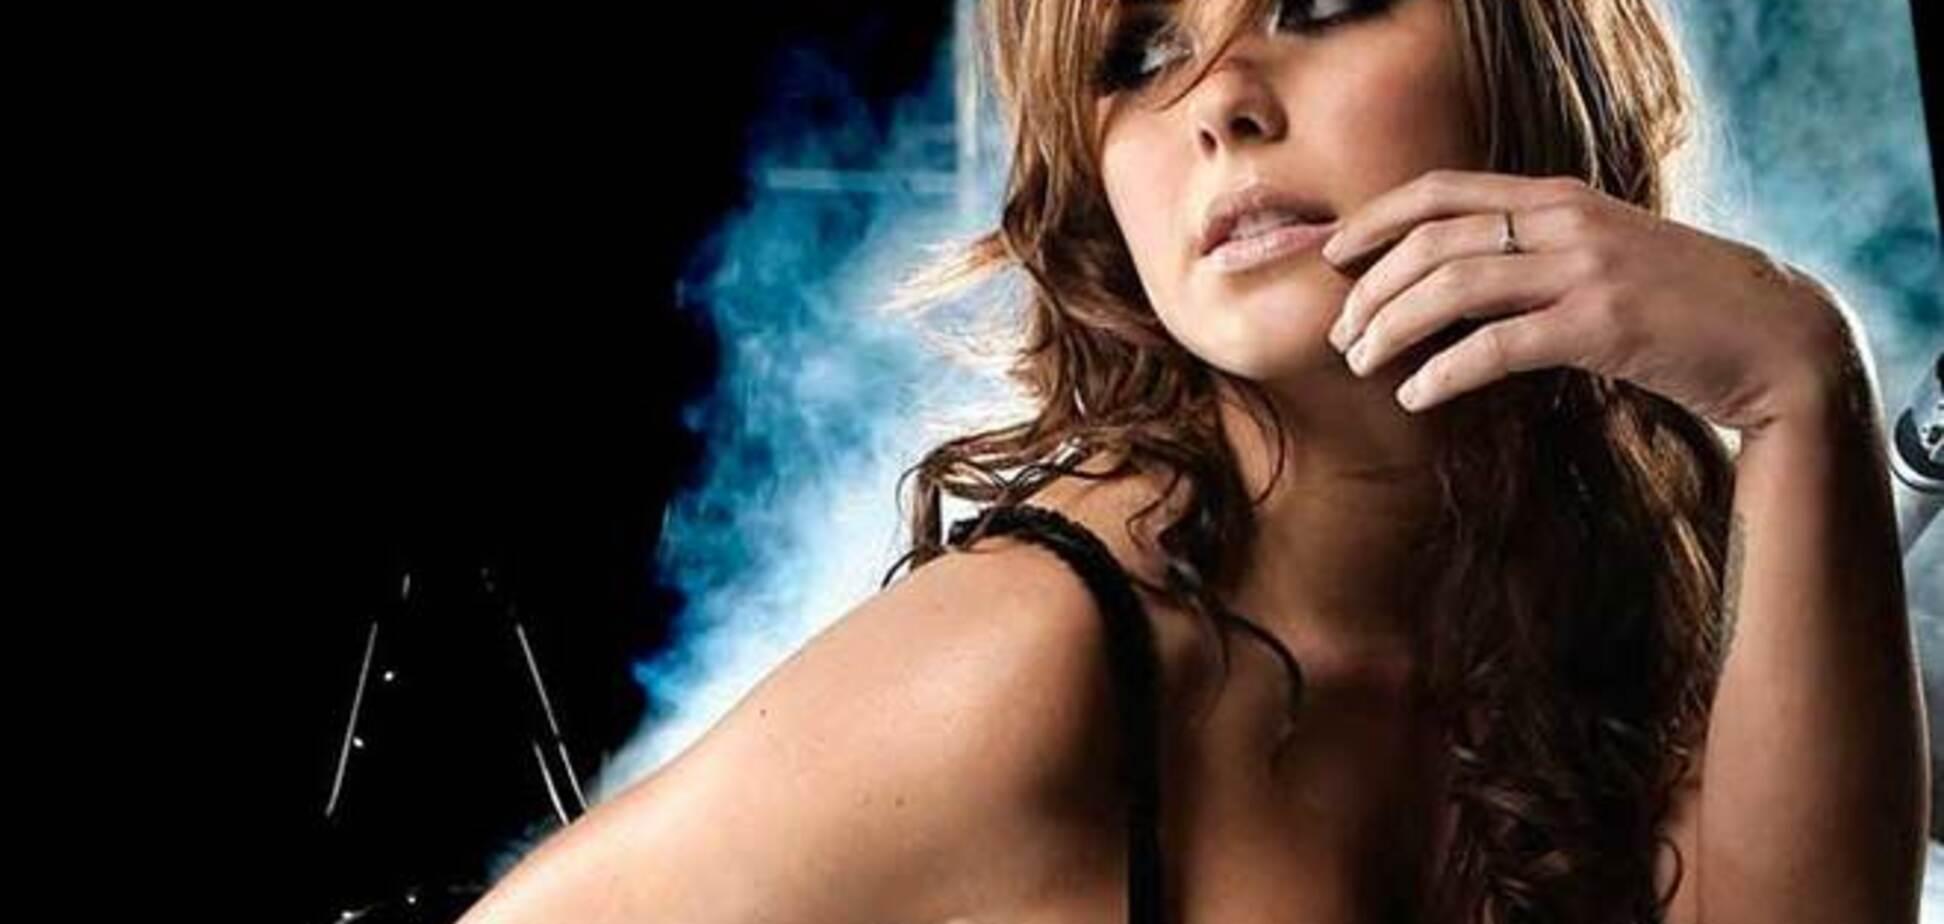 Самая красивая 'девушка ринга' радует поклонников сексуальными фото